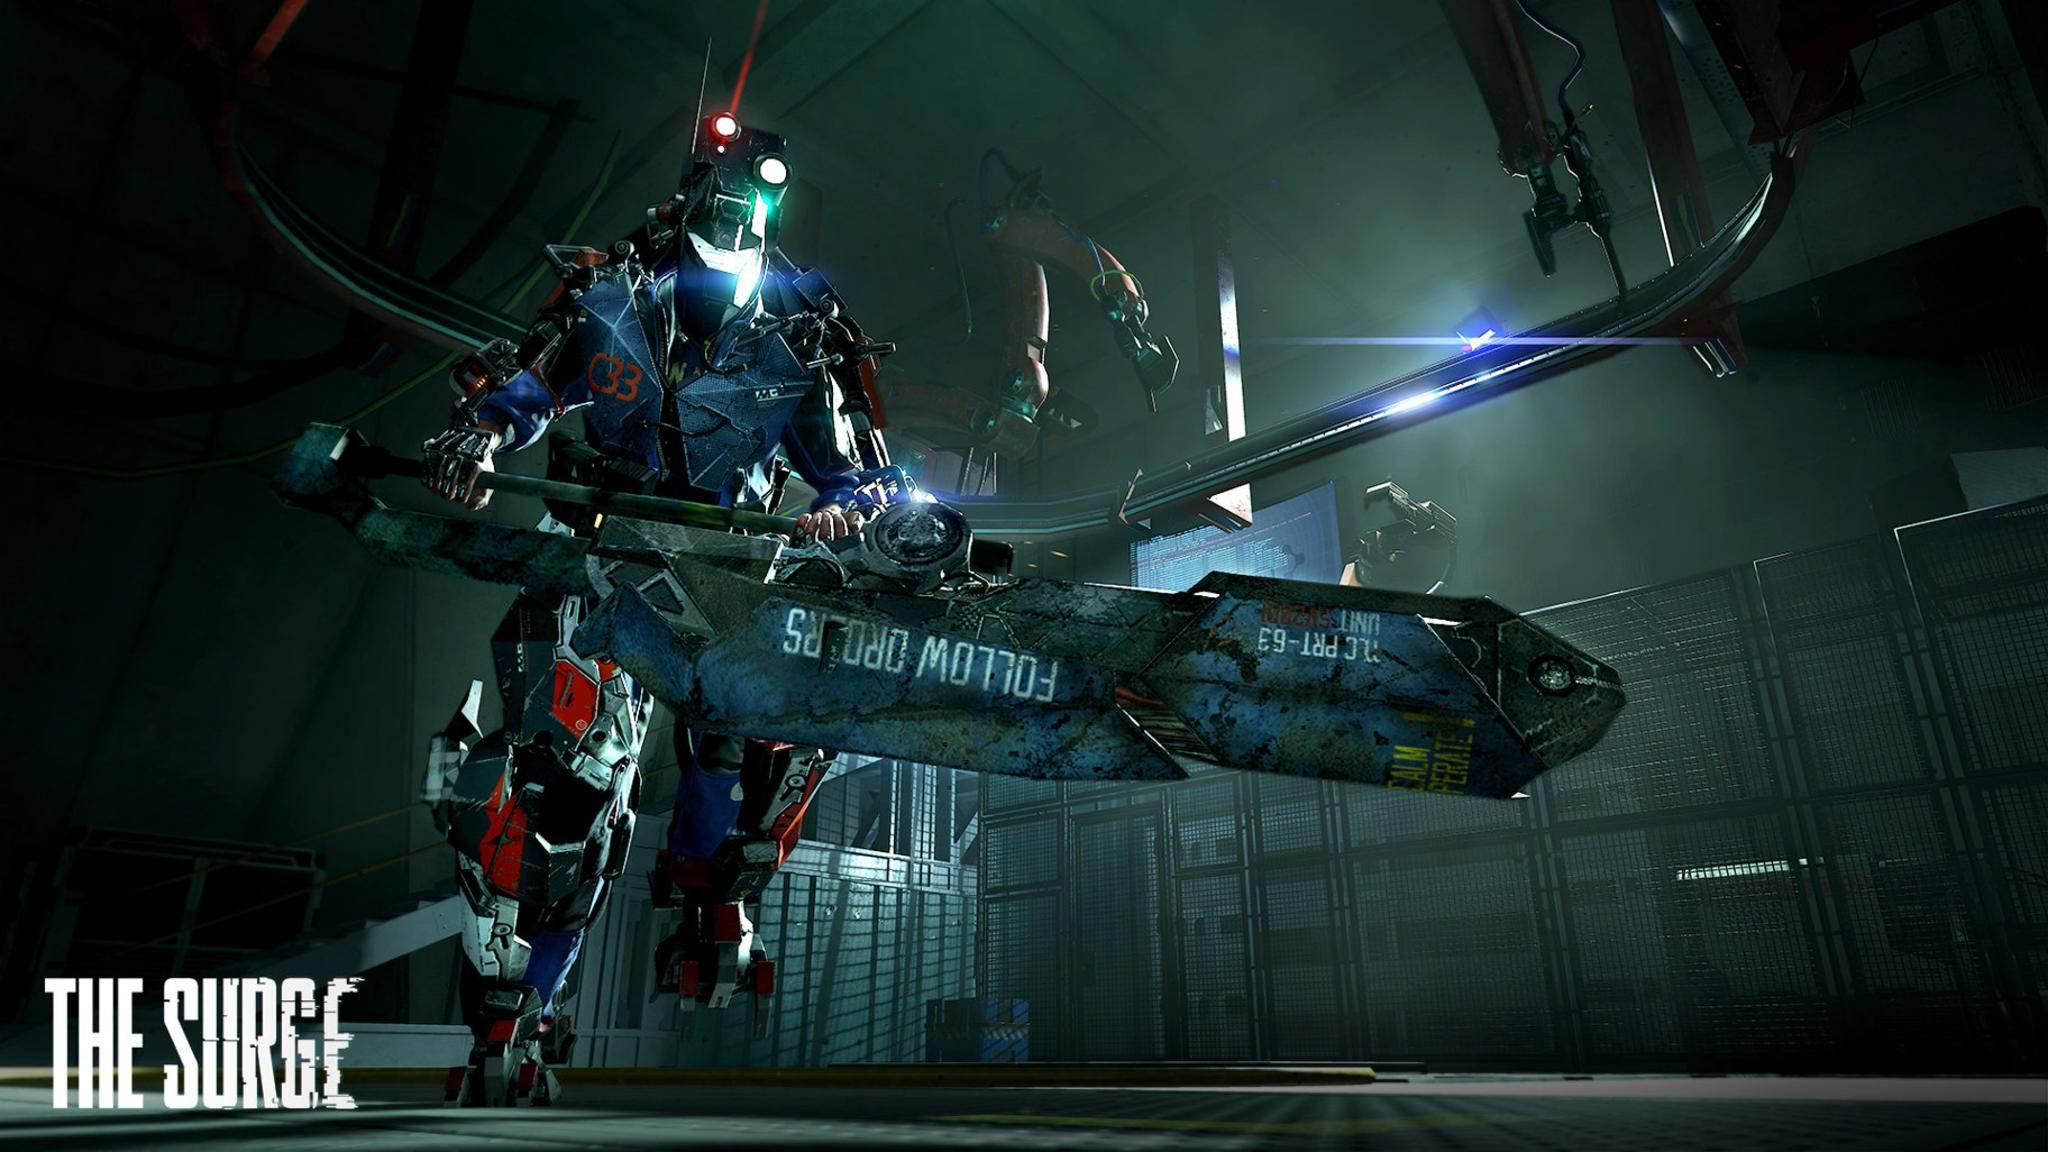 Mit genügend Kernleistung können wir später zum imposanten Cyborg werden.